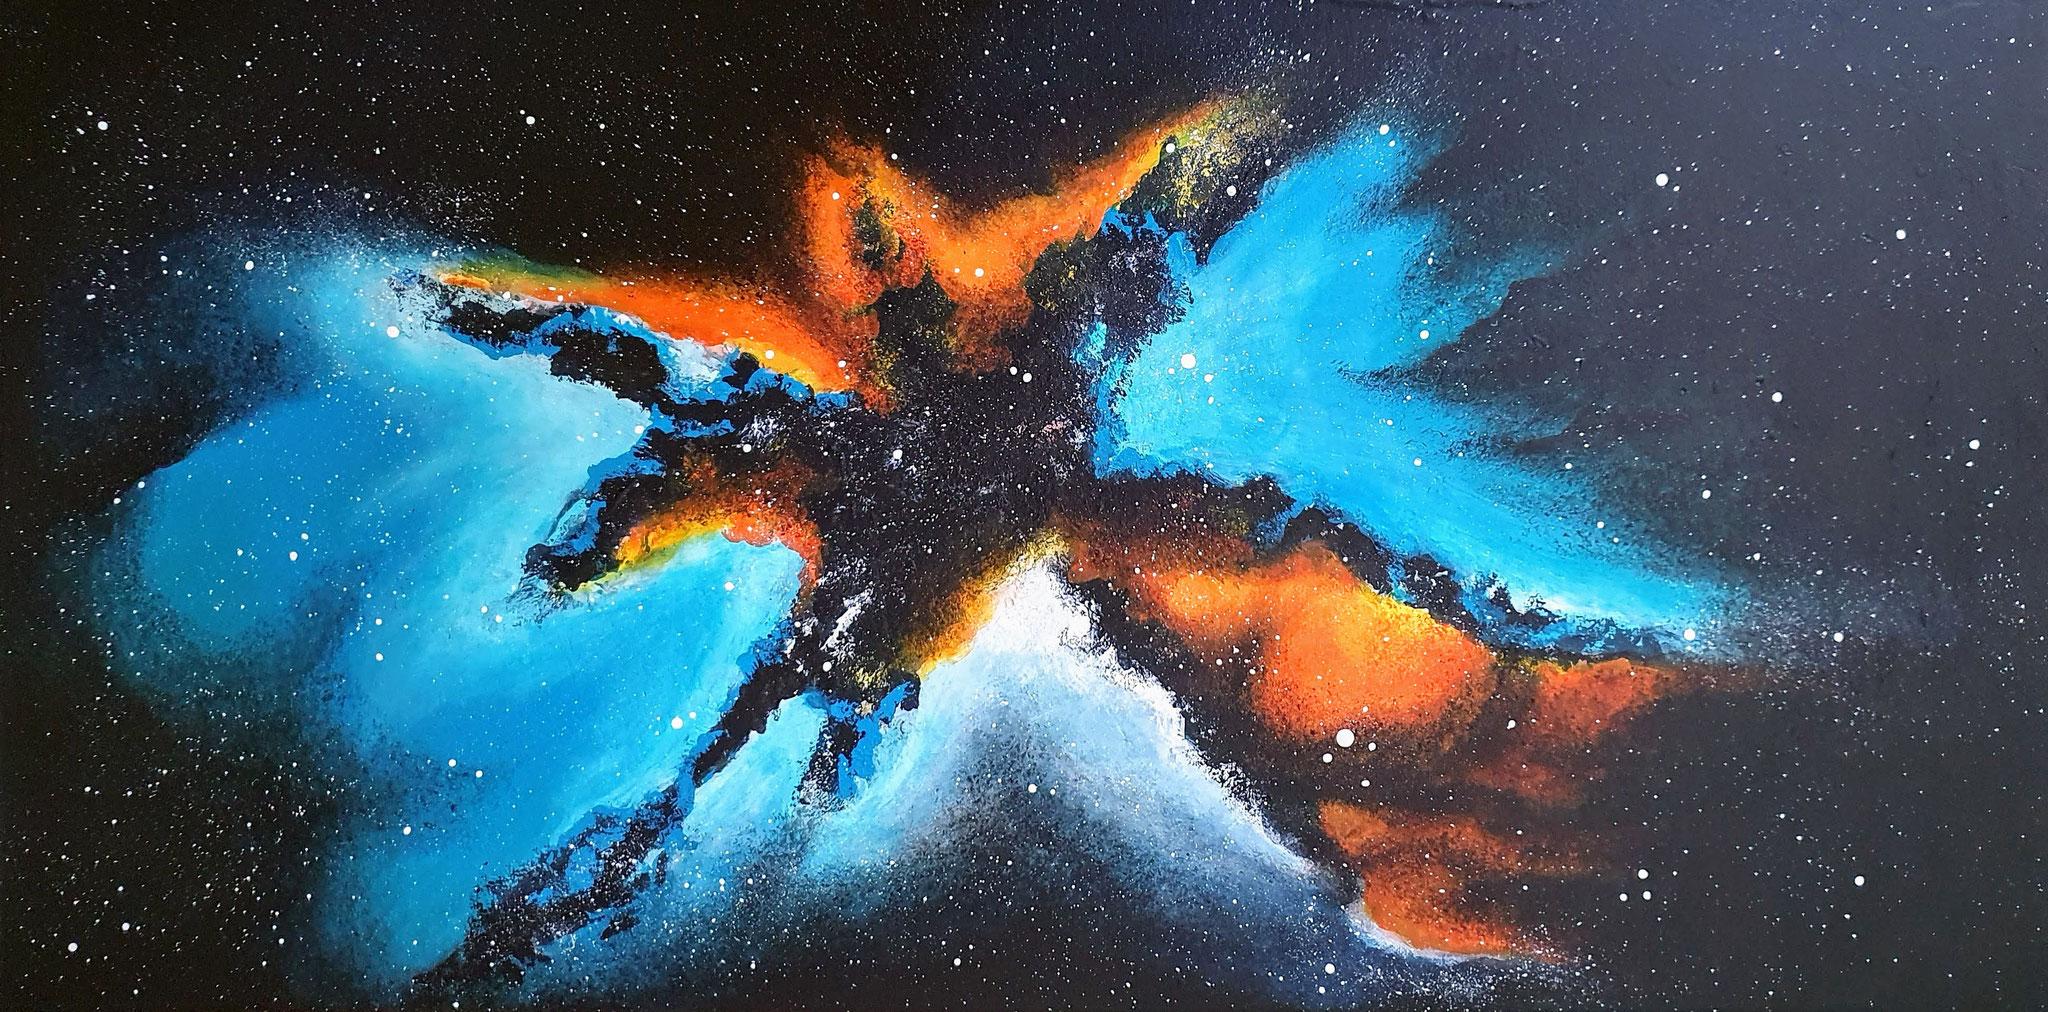 """Galaxy-Serie, Acryl auf Leinwand, 40x80cm, leuchtet im Dunkeln - CHF 750.- (Mehr Infos unter Rubrik """"Glows in the Dark"""")"""